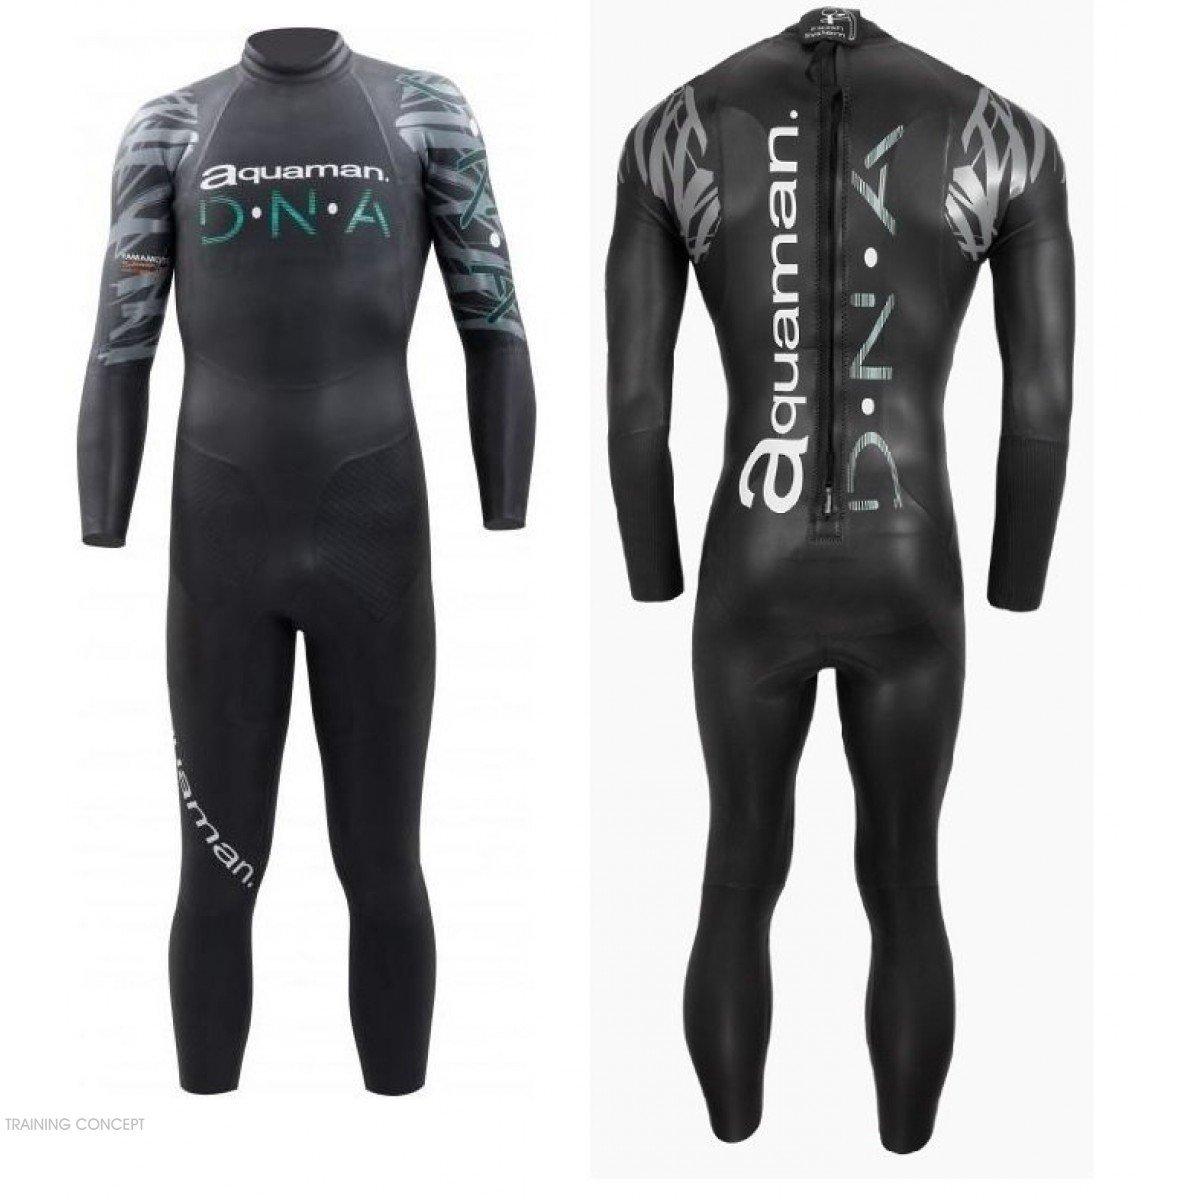 tout neuf 86d07 b5b0a combinaison de triathlon pour hommes aquaman dna